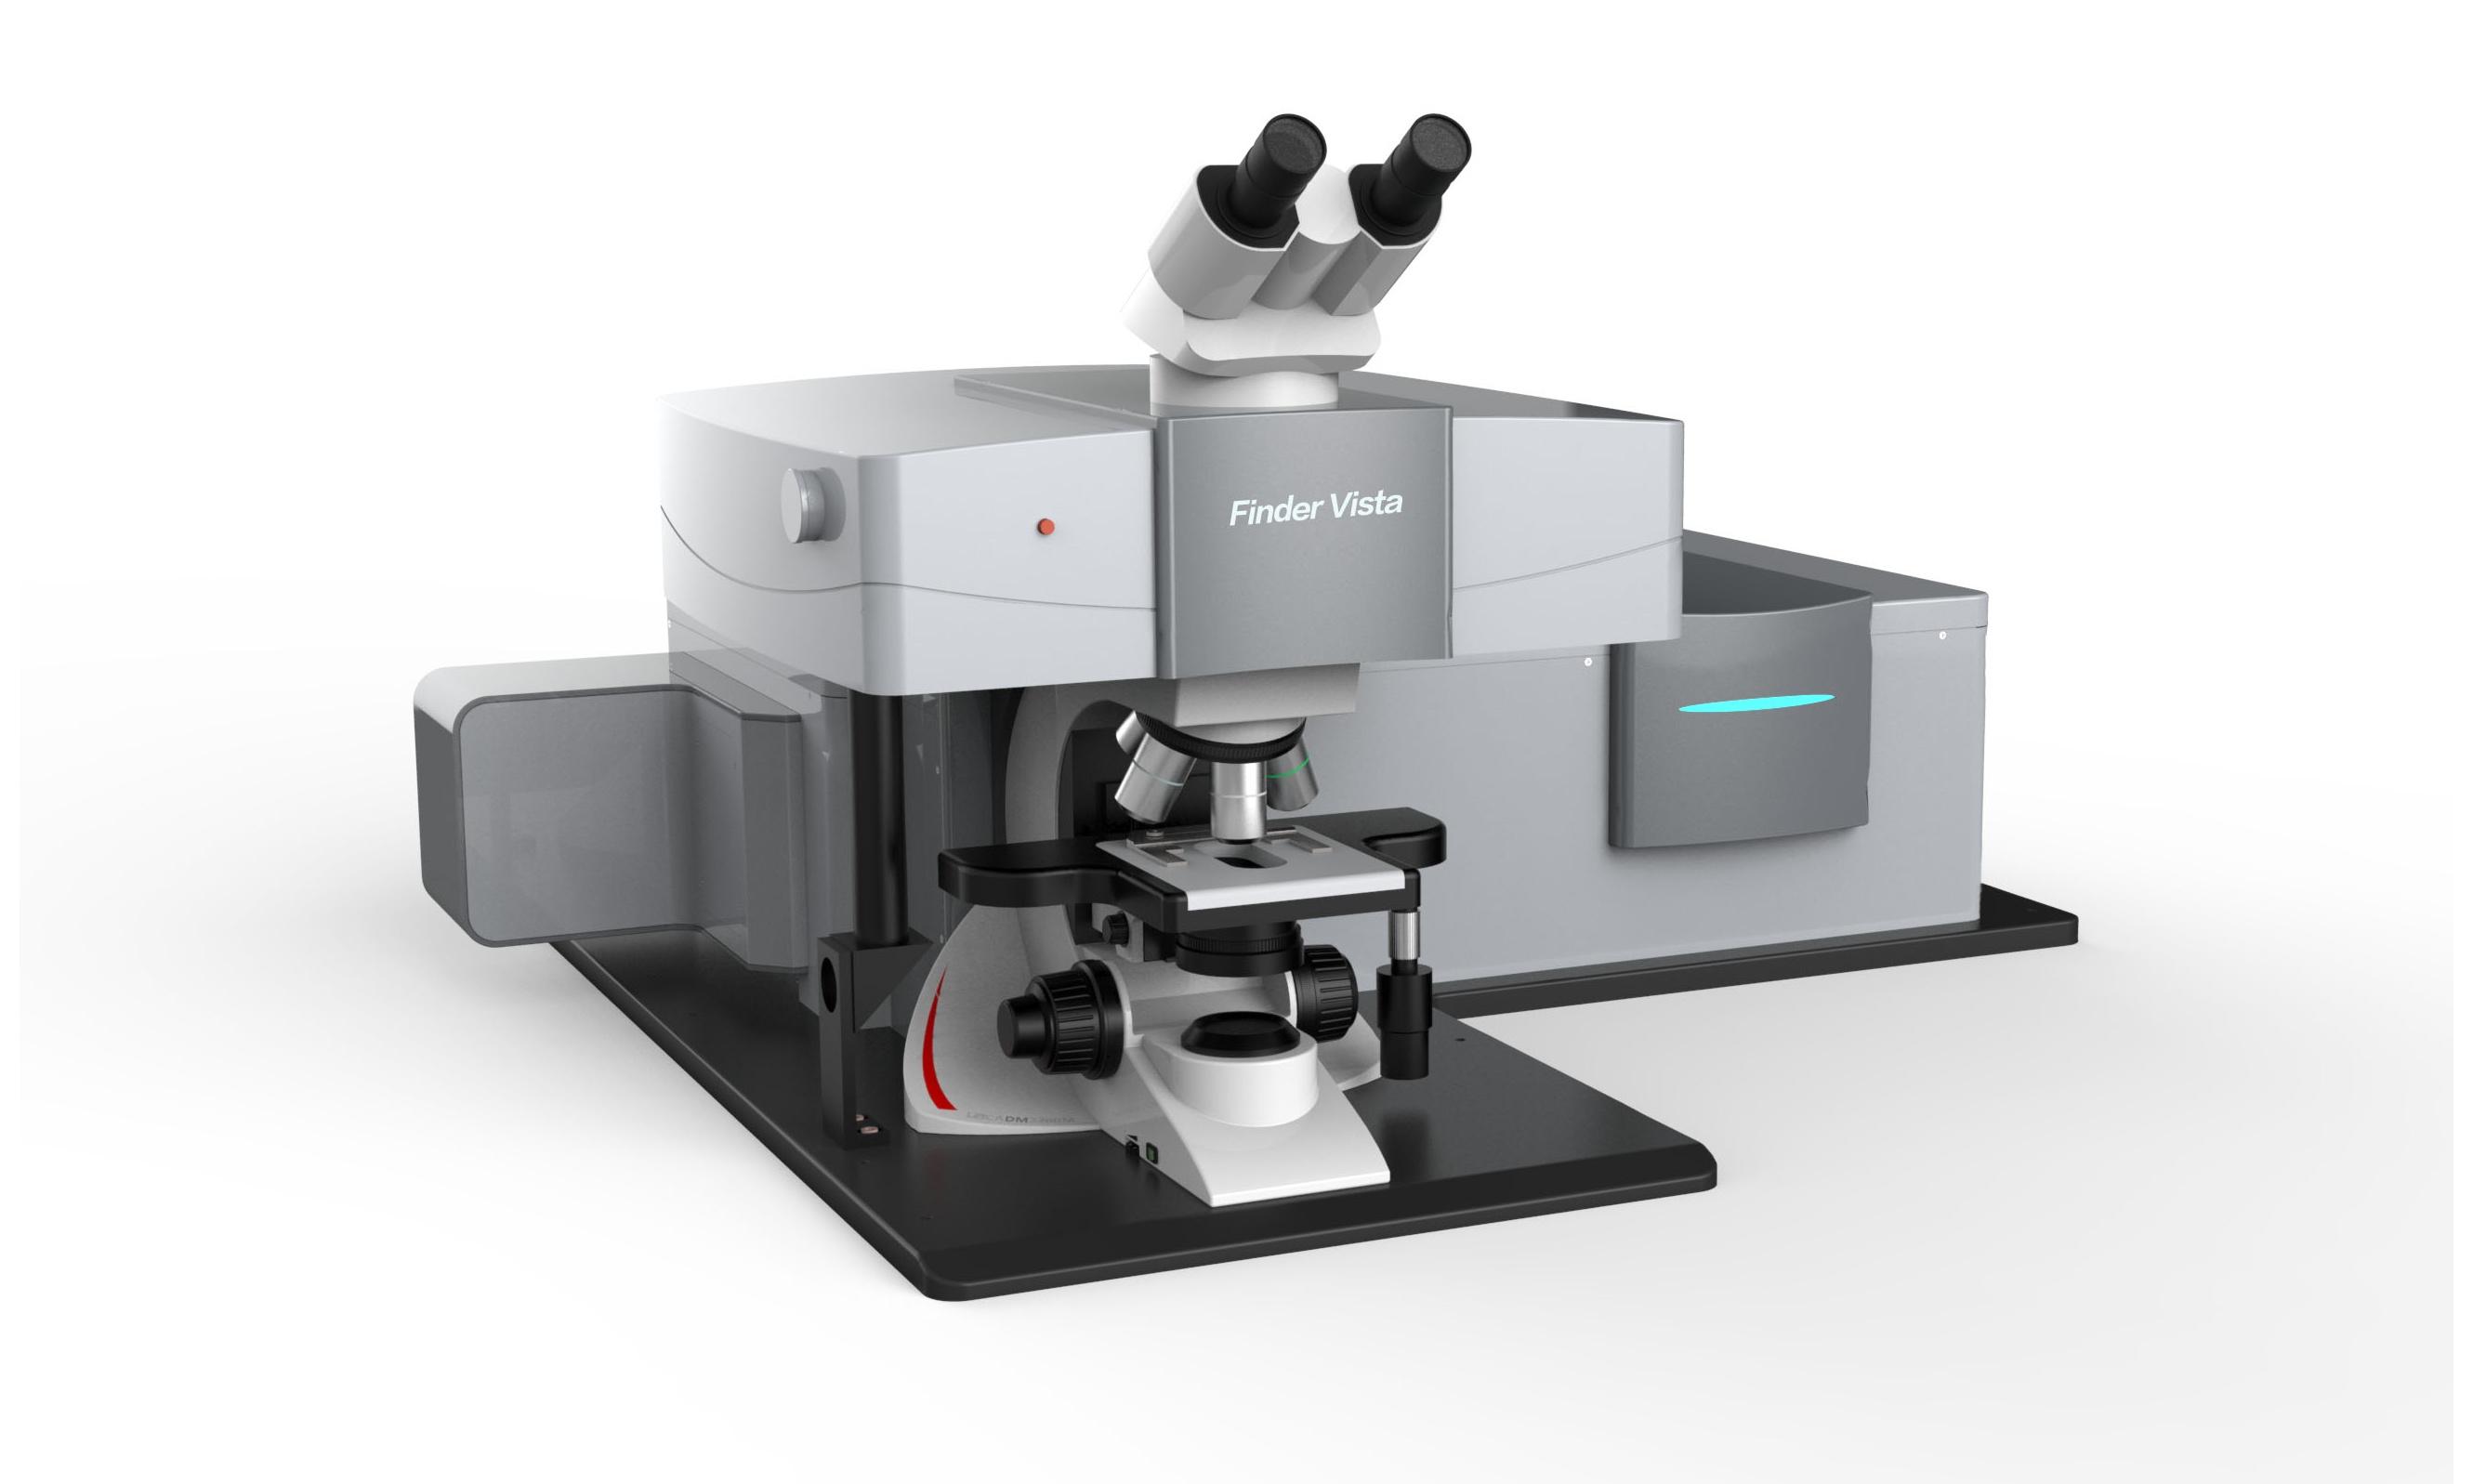 呼和浩特海关拉曼光谱仪等仪器设备采购项目招标公告